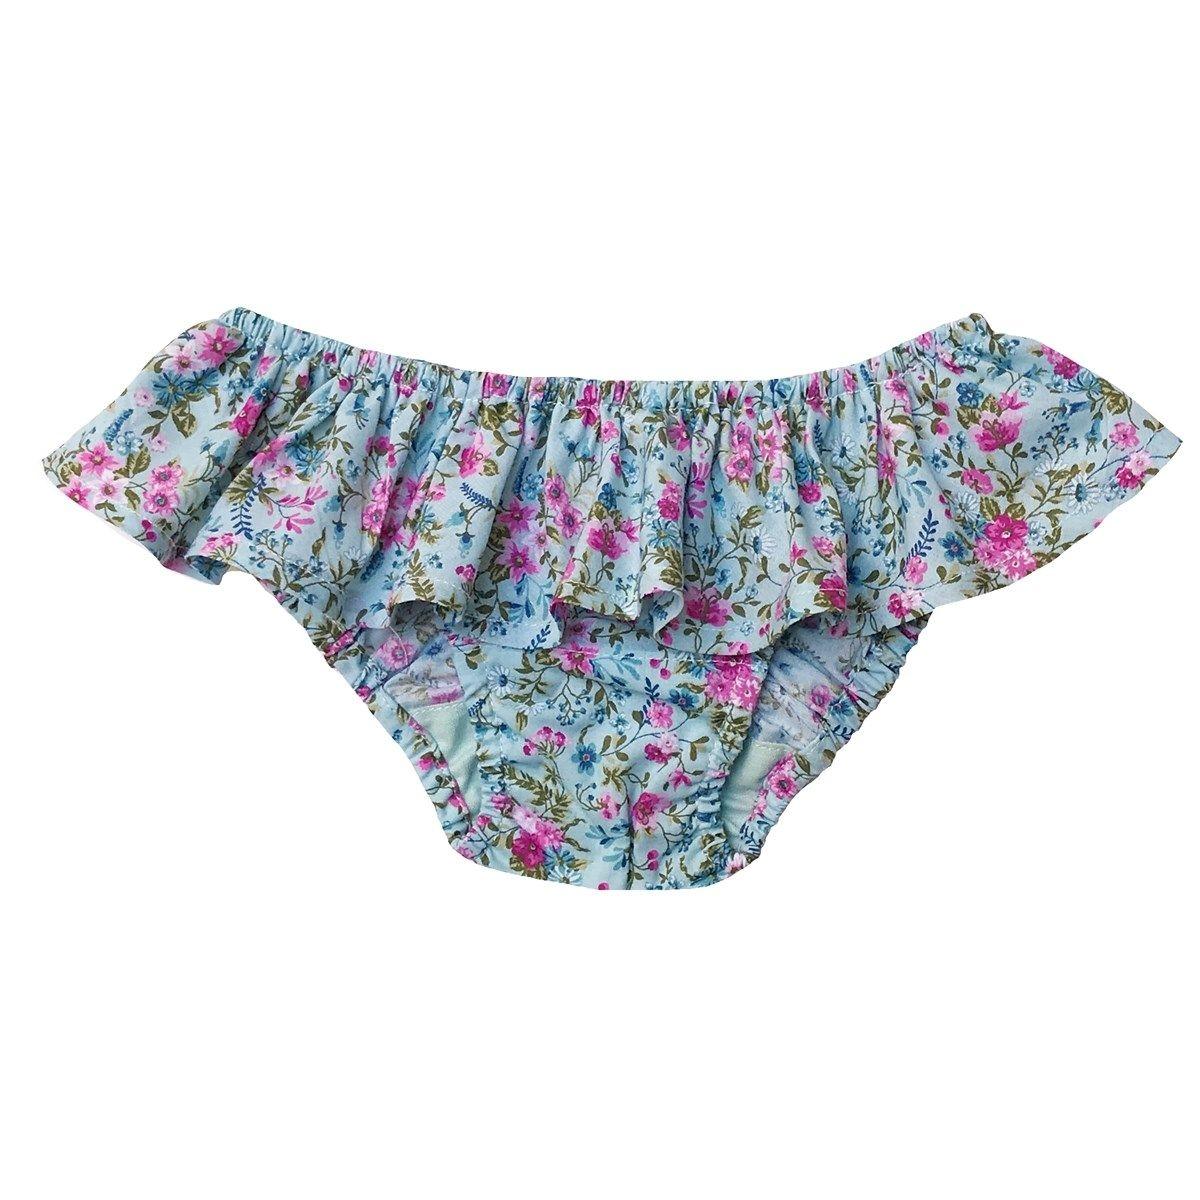 Maillot de bain volant en coton motif fleuri NINA